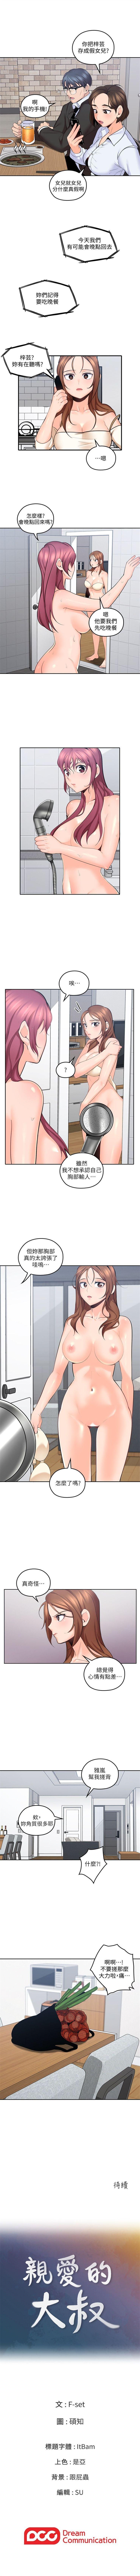 (週4)親愛的大叔 1-33 中文翻譯(更新中) 48